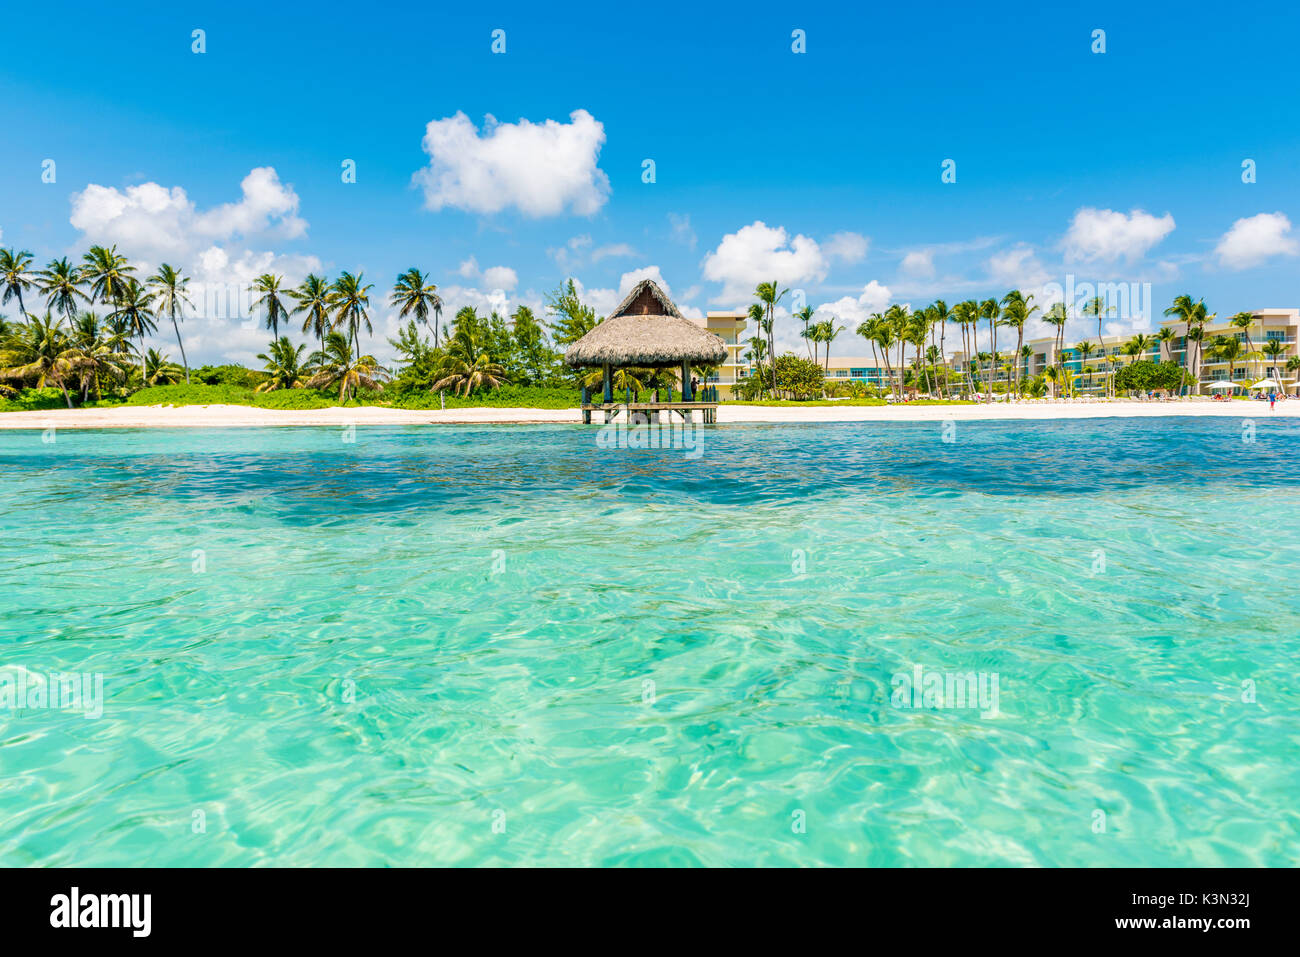 Playa Blanca, Punta Cana, République dominicaine, la mer des Caraïbes. Hutte de chaume sur la plage. Banque D'Images